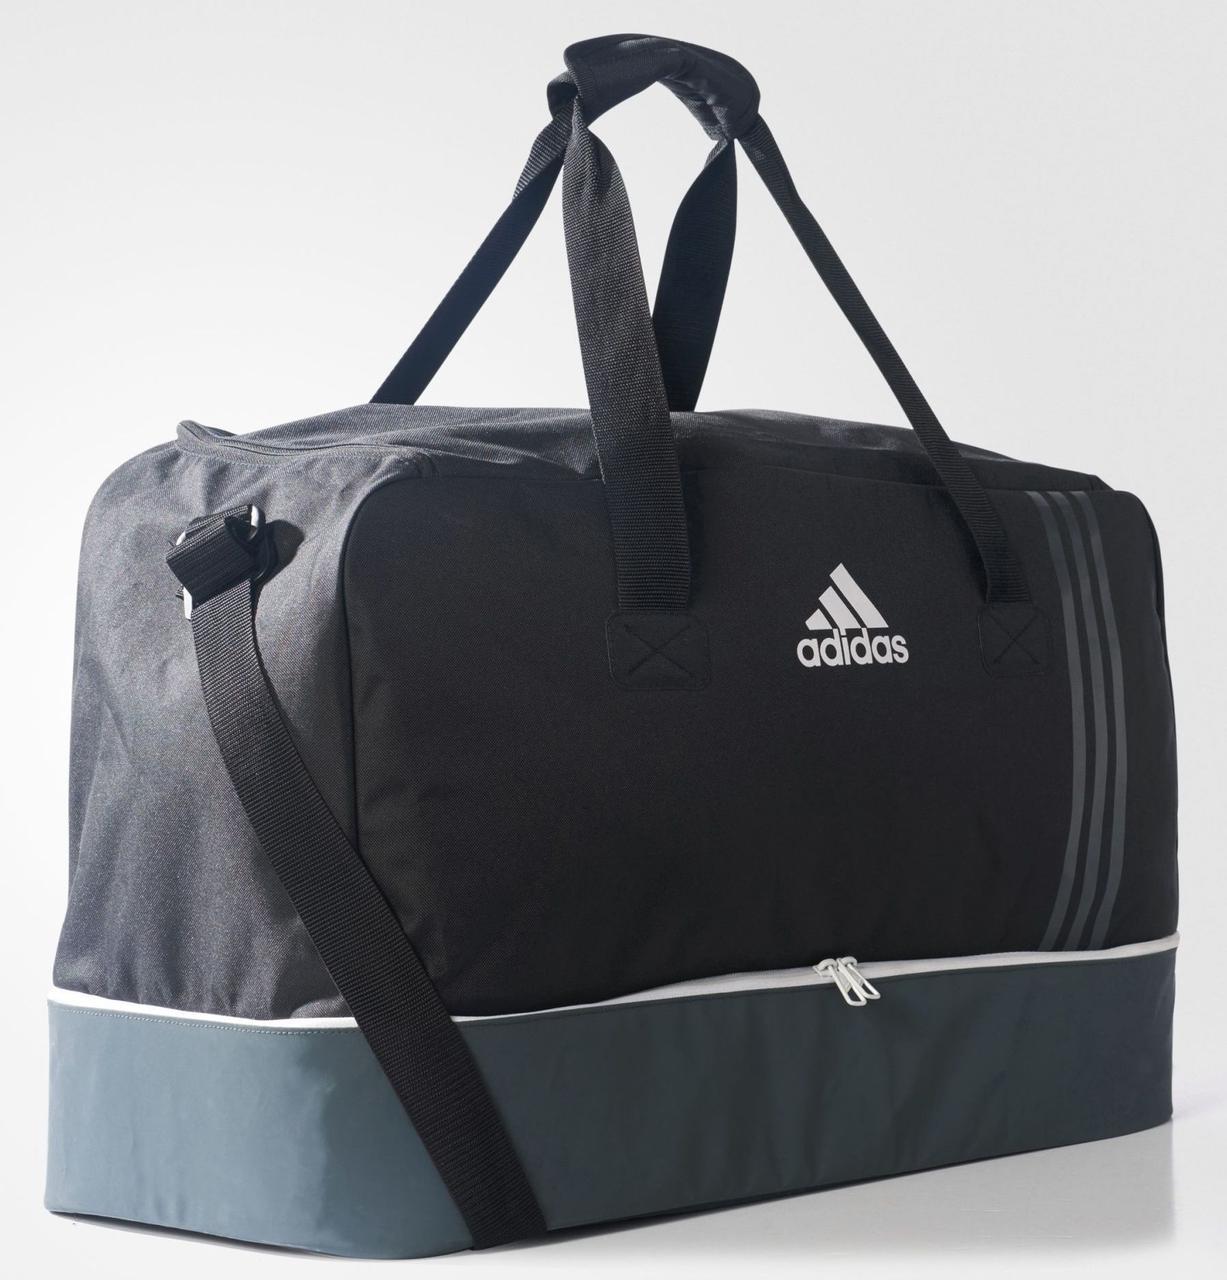 e0e8b7c5 Спортивная сумка ADIDAS Tiro Team Bag Large B46122, черный/серый -  SUPERSUMKA интернет магазин